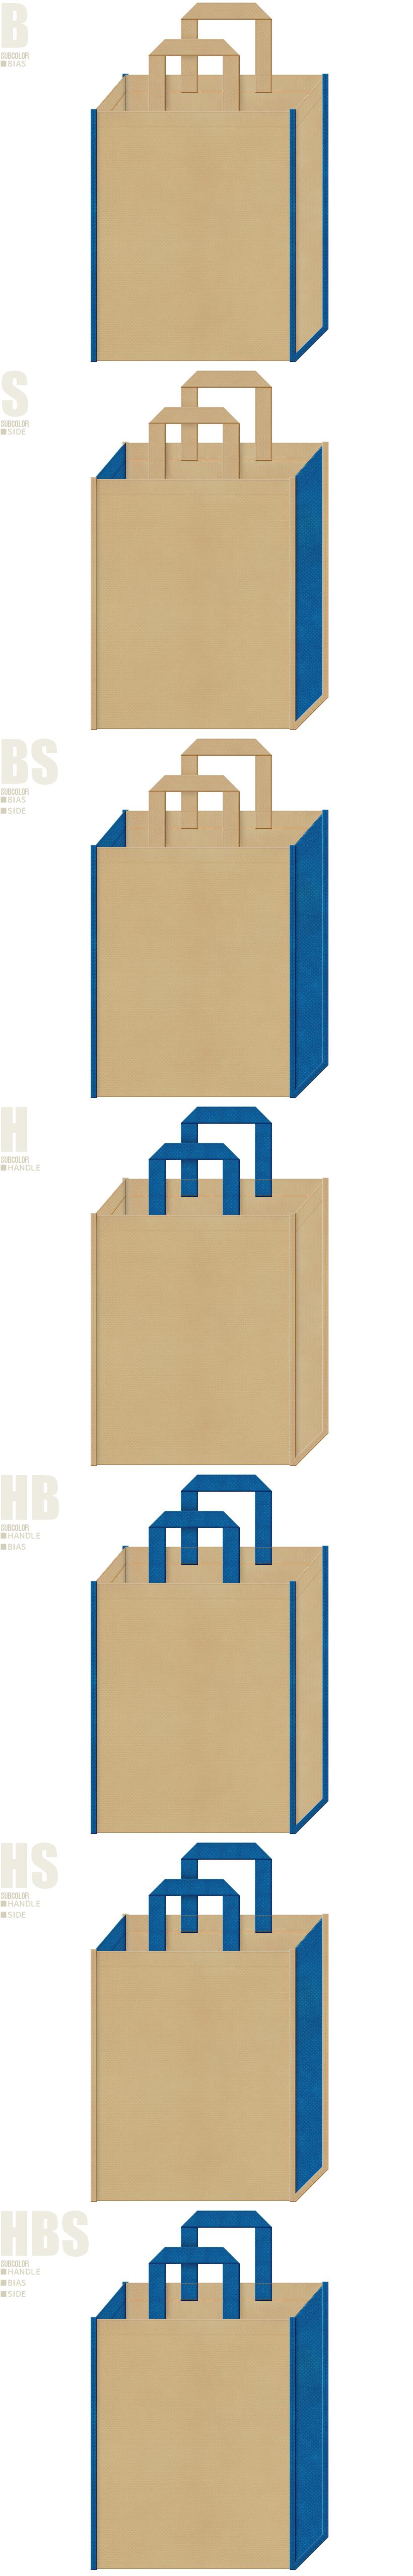 カーキ色と青色、7パターンの不織布トートバッグ配色デザイン例。